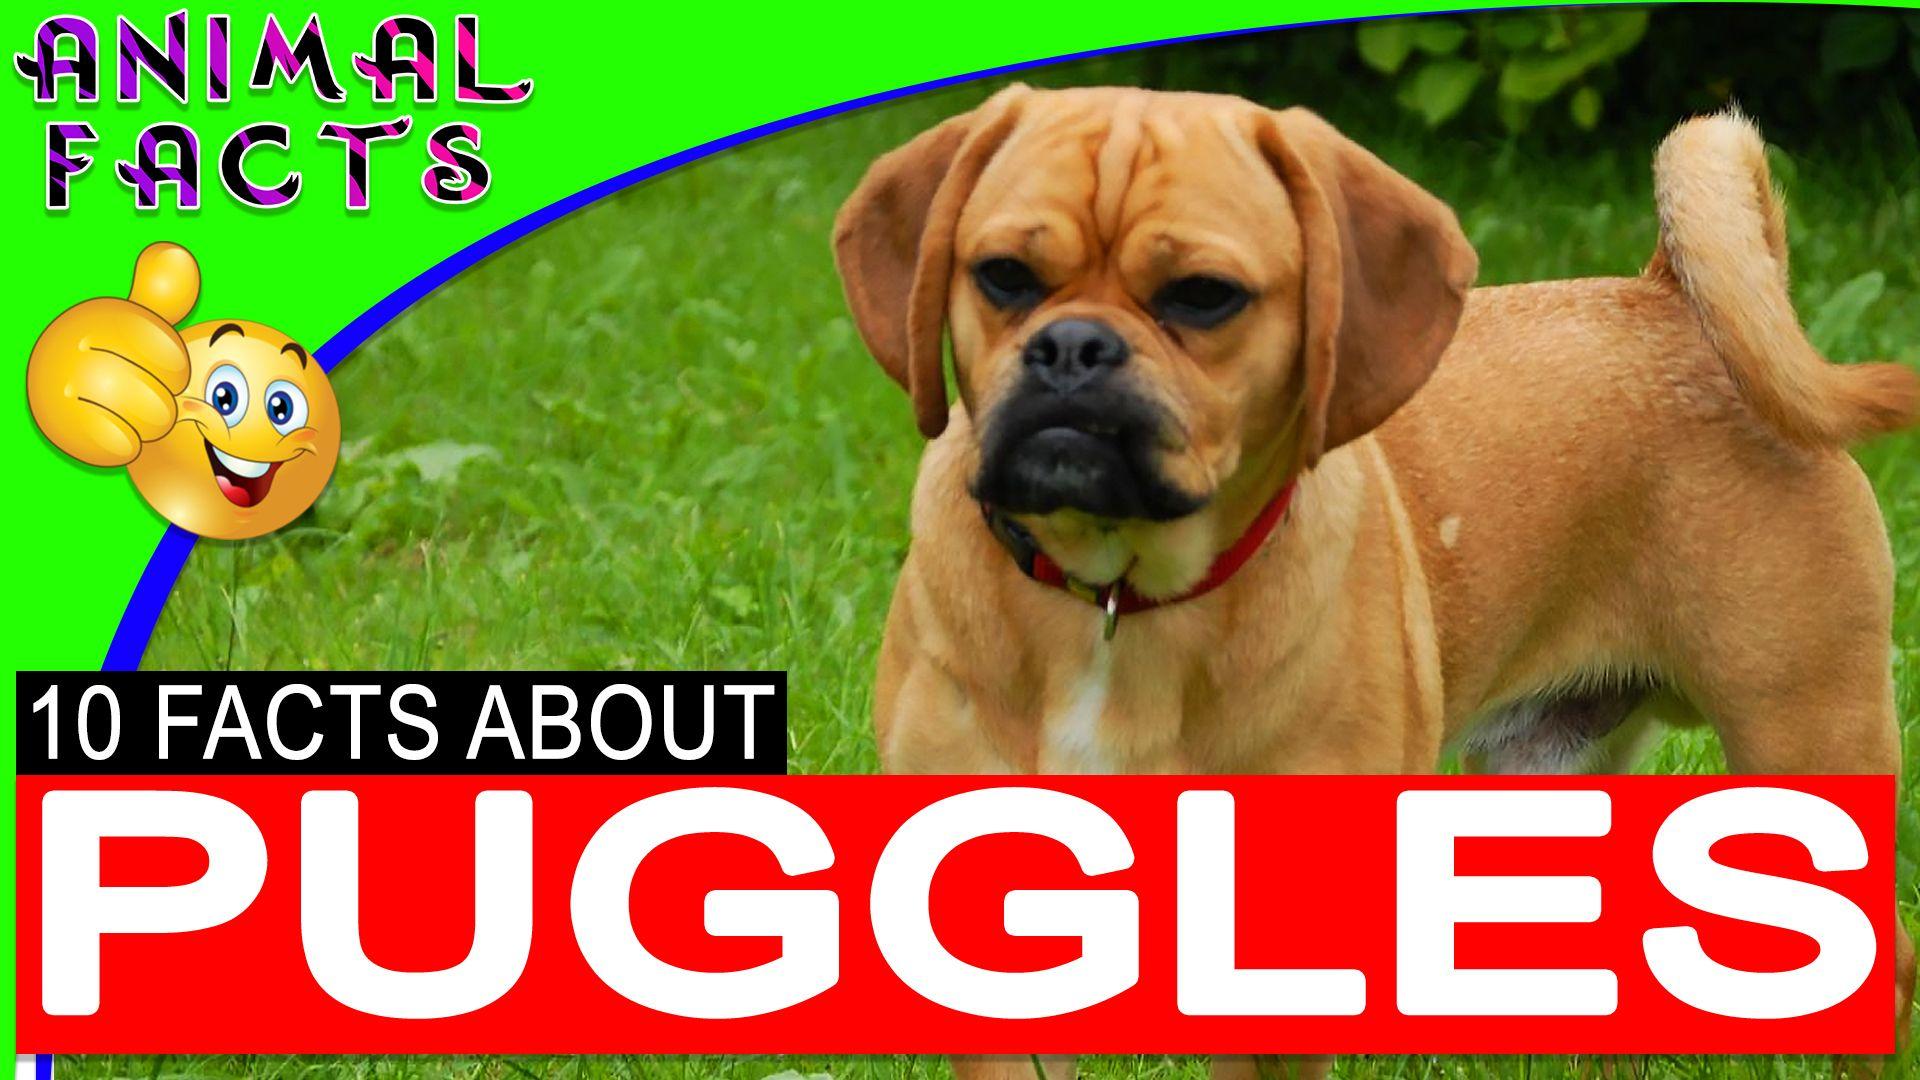 Puggle Dogs By Teresa Brinkley On Puggles Puggle Designer Dogs